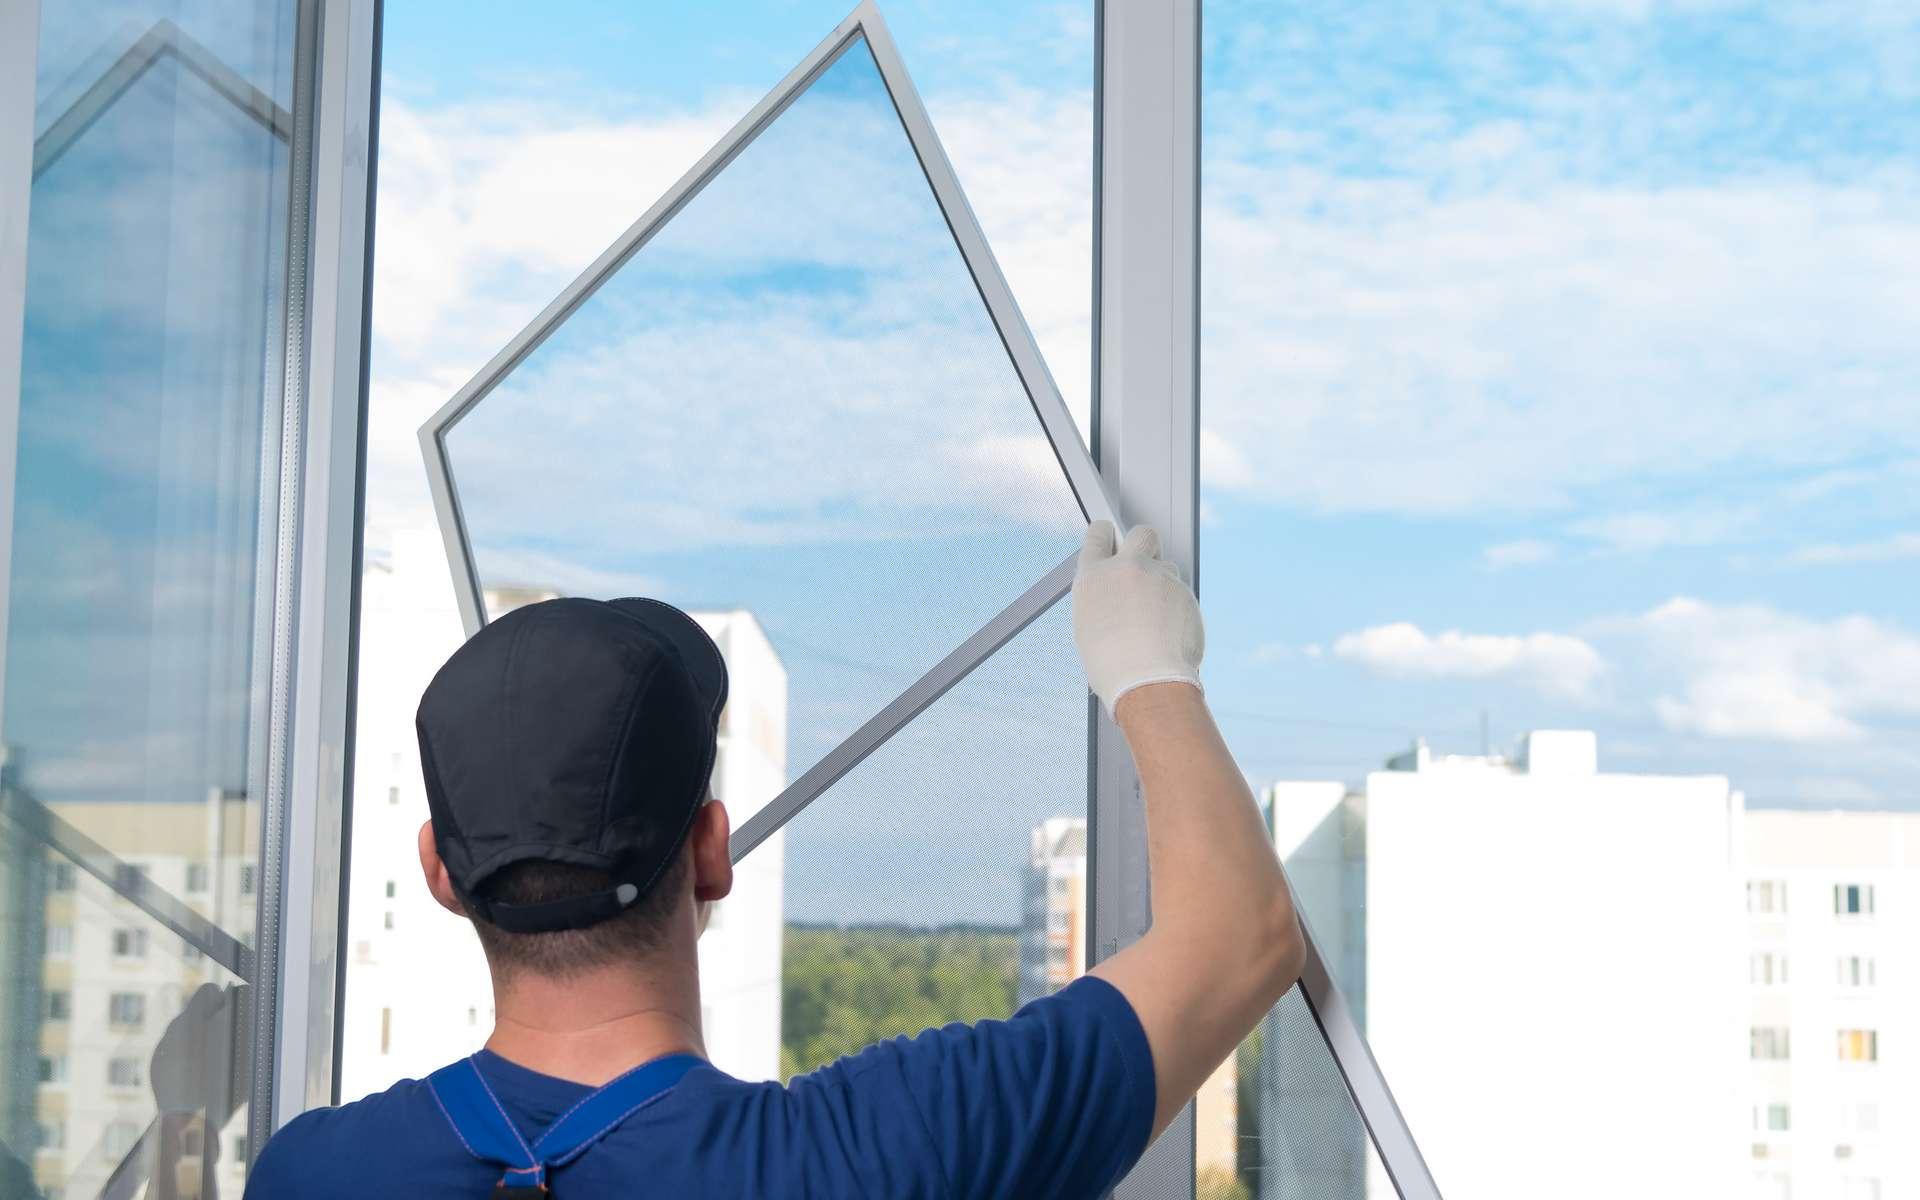 Aides pour remplacement de fenêtre © kurgu128, AdobeStock